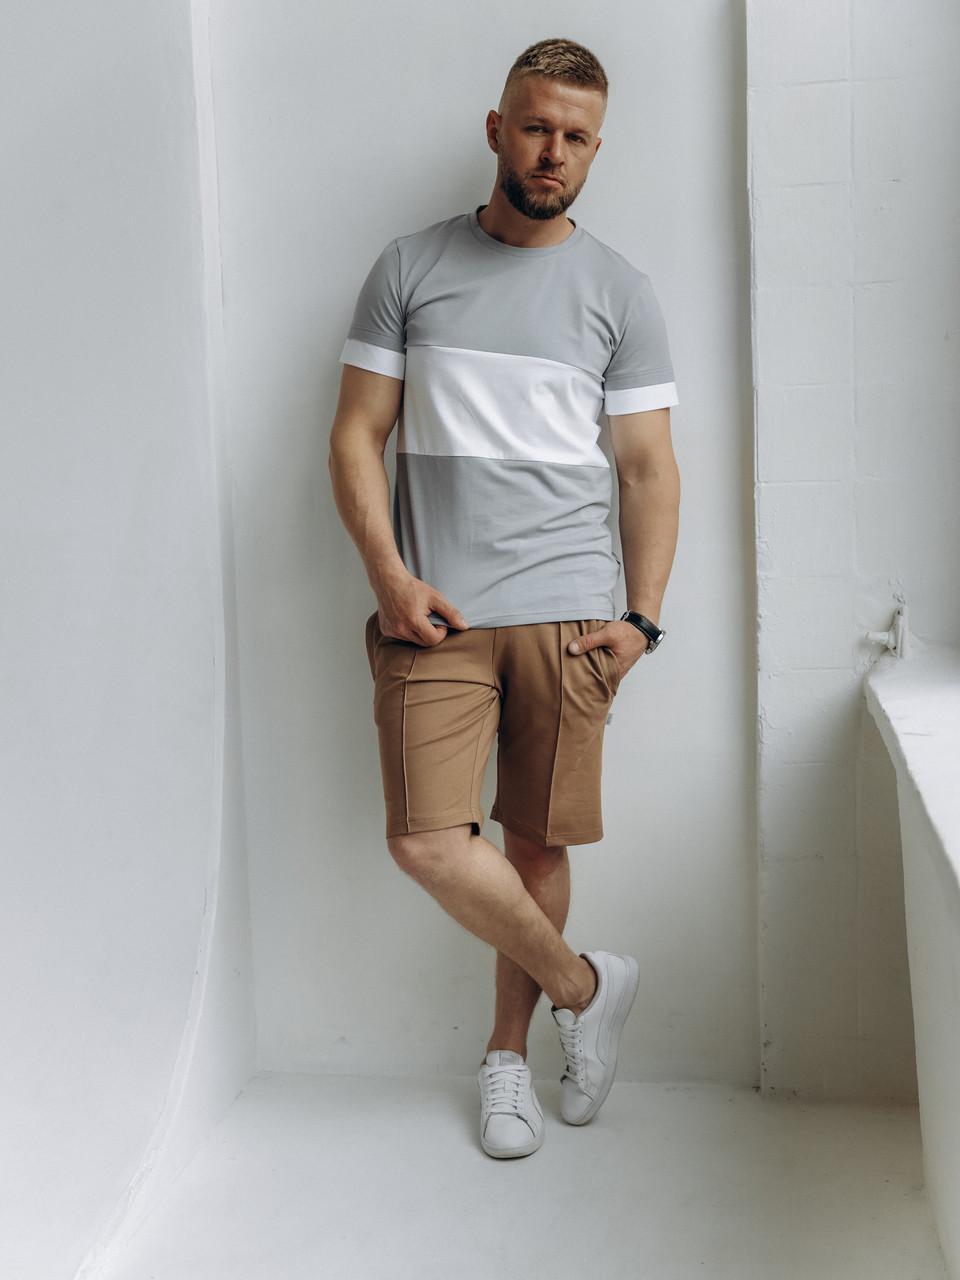 Мужской летний костюм стильный свободный прогулочный серая футболка и бежевые шорты